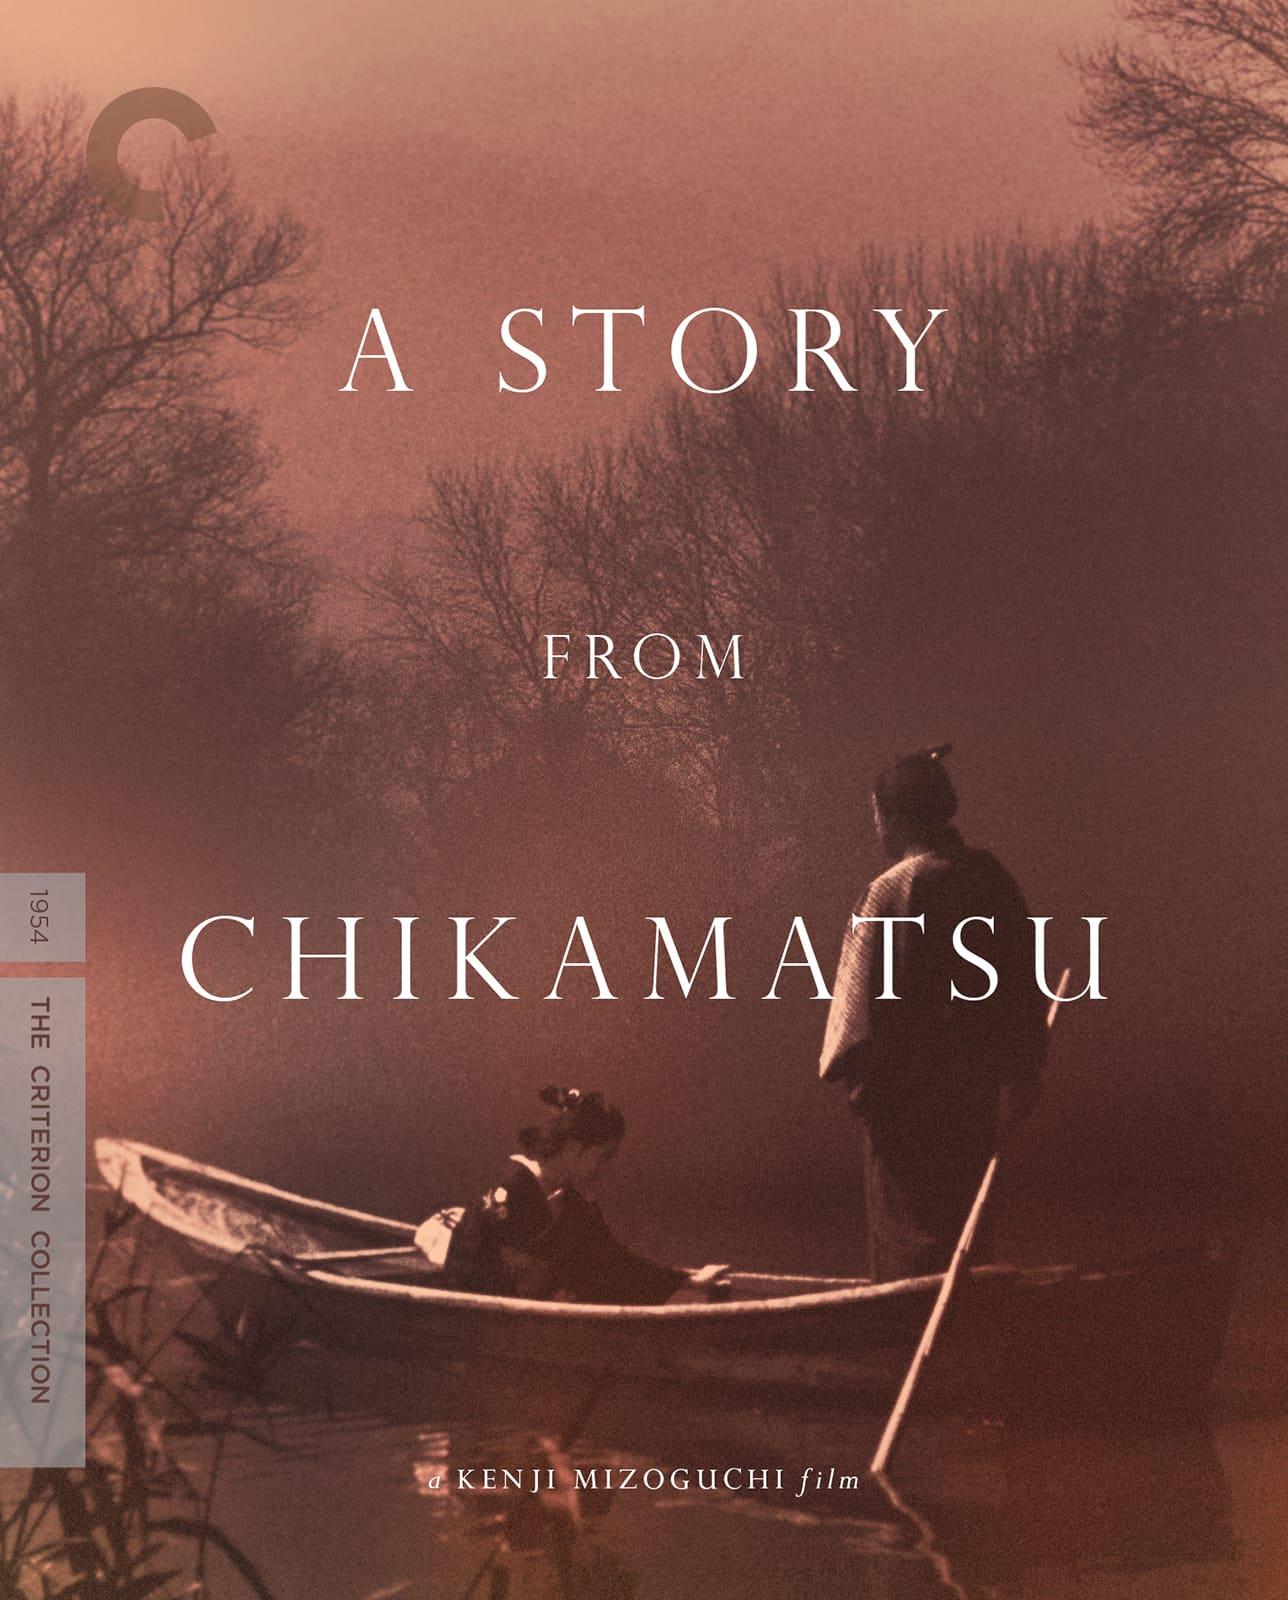 A Story from Chikamatsu